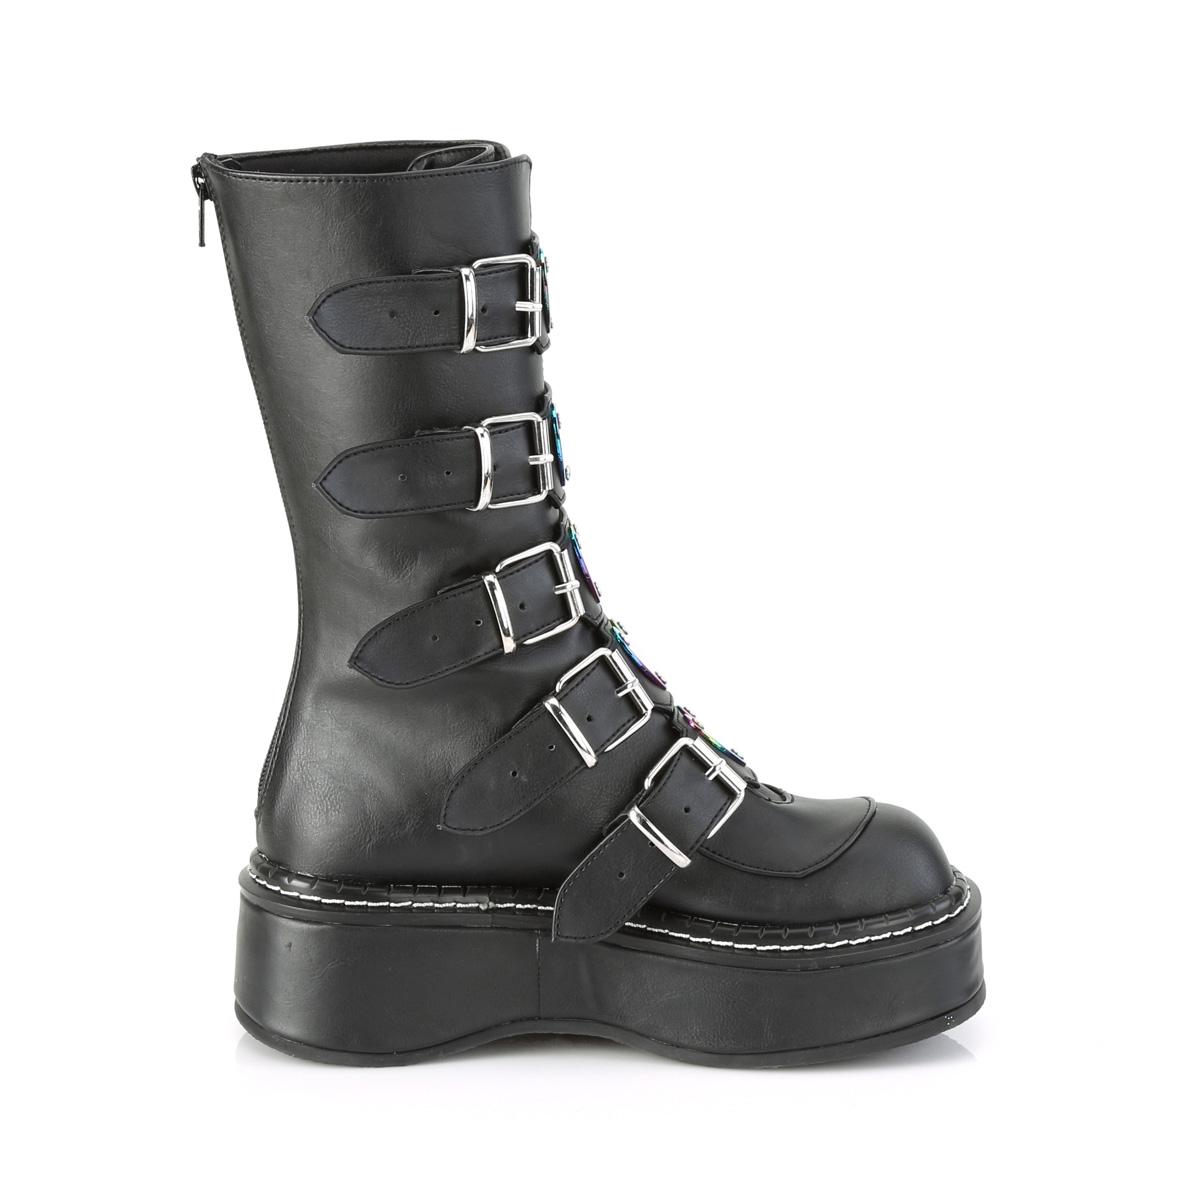 Demonia(デモニア) EMILY-330 5バックルストラップ&ハート型メタルプレート ミッドカーフブーツ つや消し黒 ブラック バックZIP◆取り寄せ